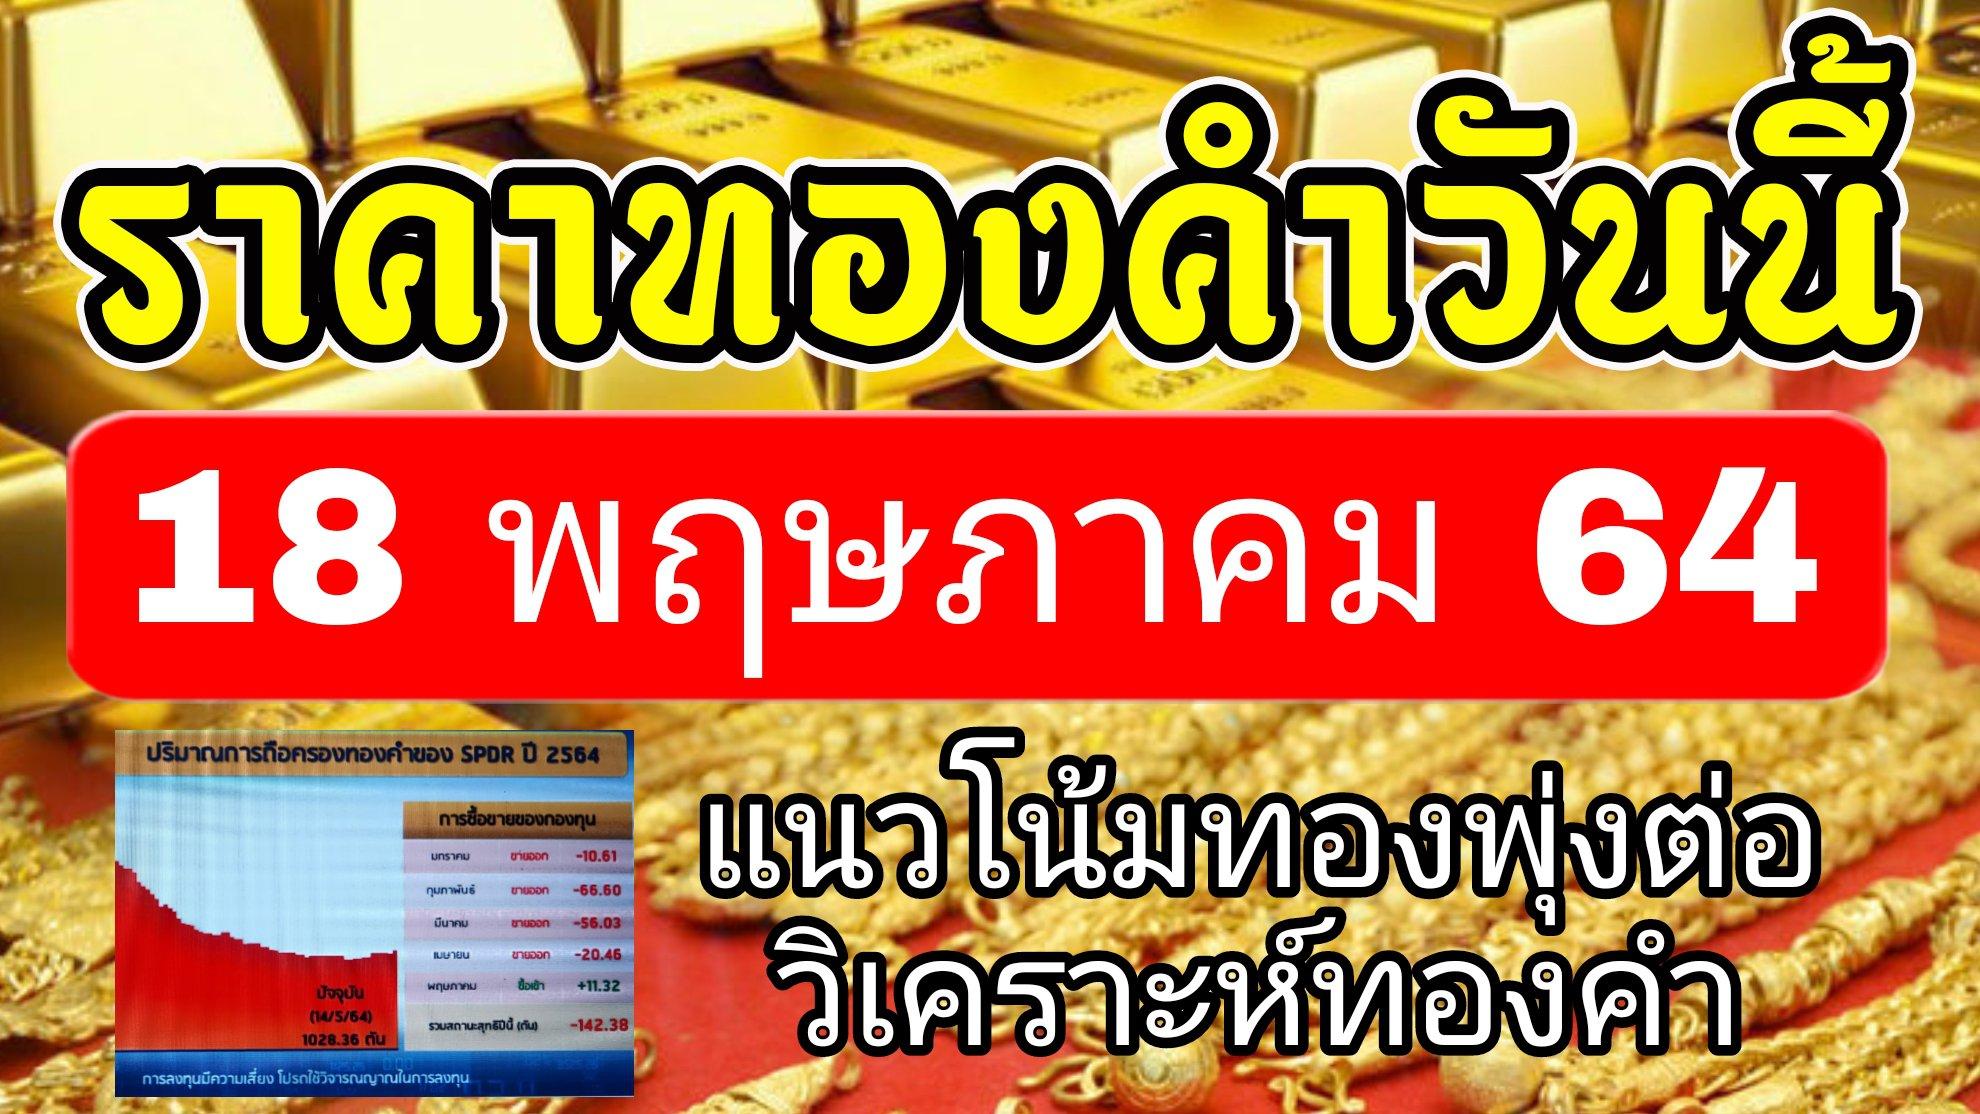 ราคาทองวันนี้ 18 พ.ค. 64 ราคาทองคำวันนี้ แนวโน้มราคาทอง วิเคราะห์ทองคำ ปัจจัยราคาทอง ข่าวสารทองคำ